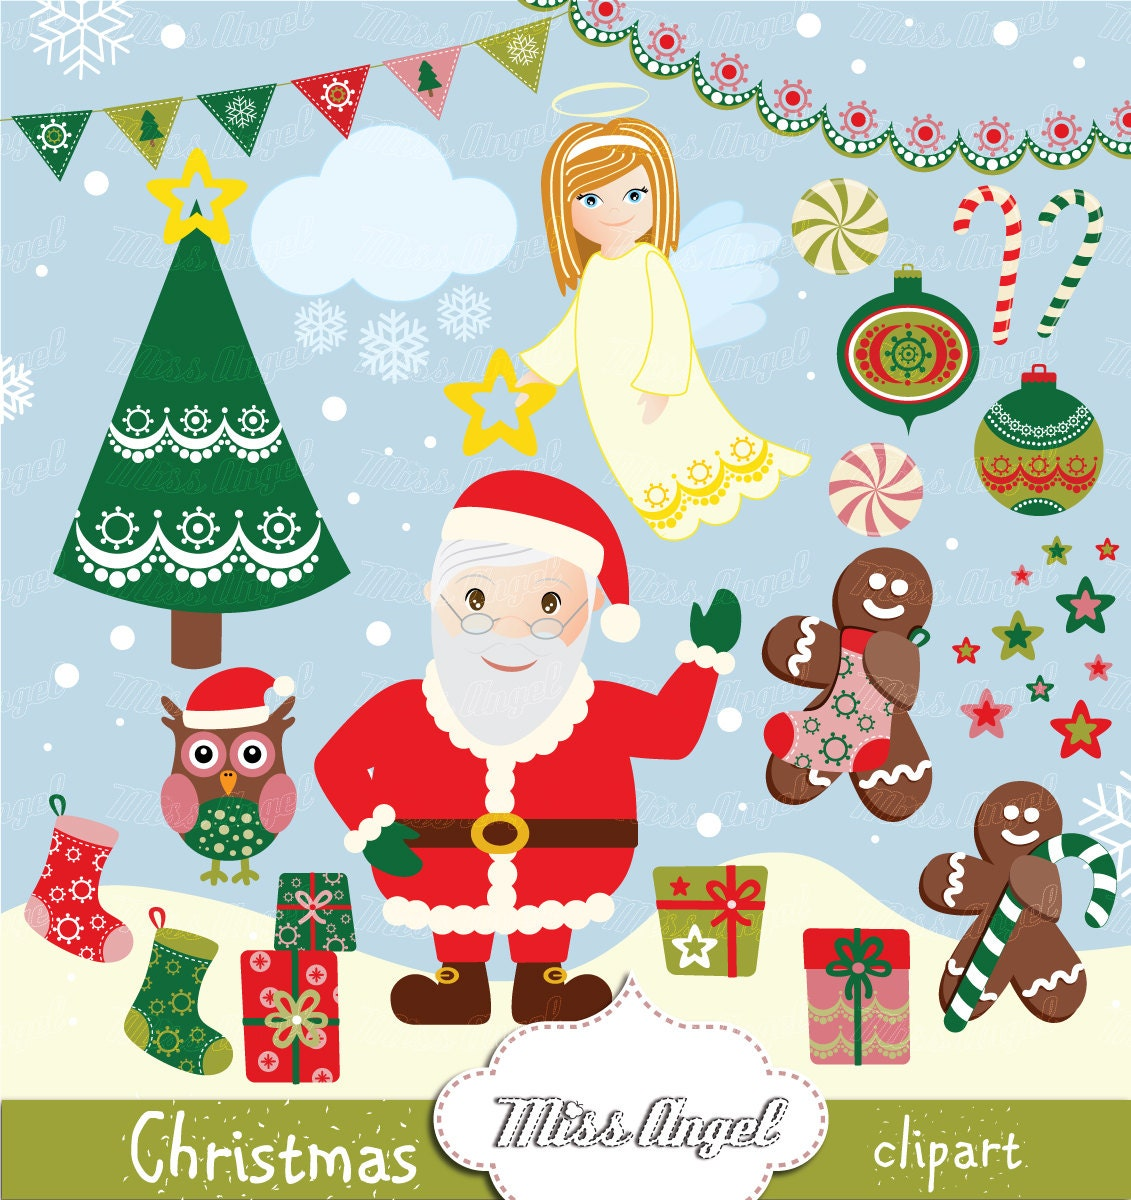 Weihnachten CLIPART Santa Claus 22 digitale Zeichnungen. | Etsy